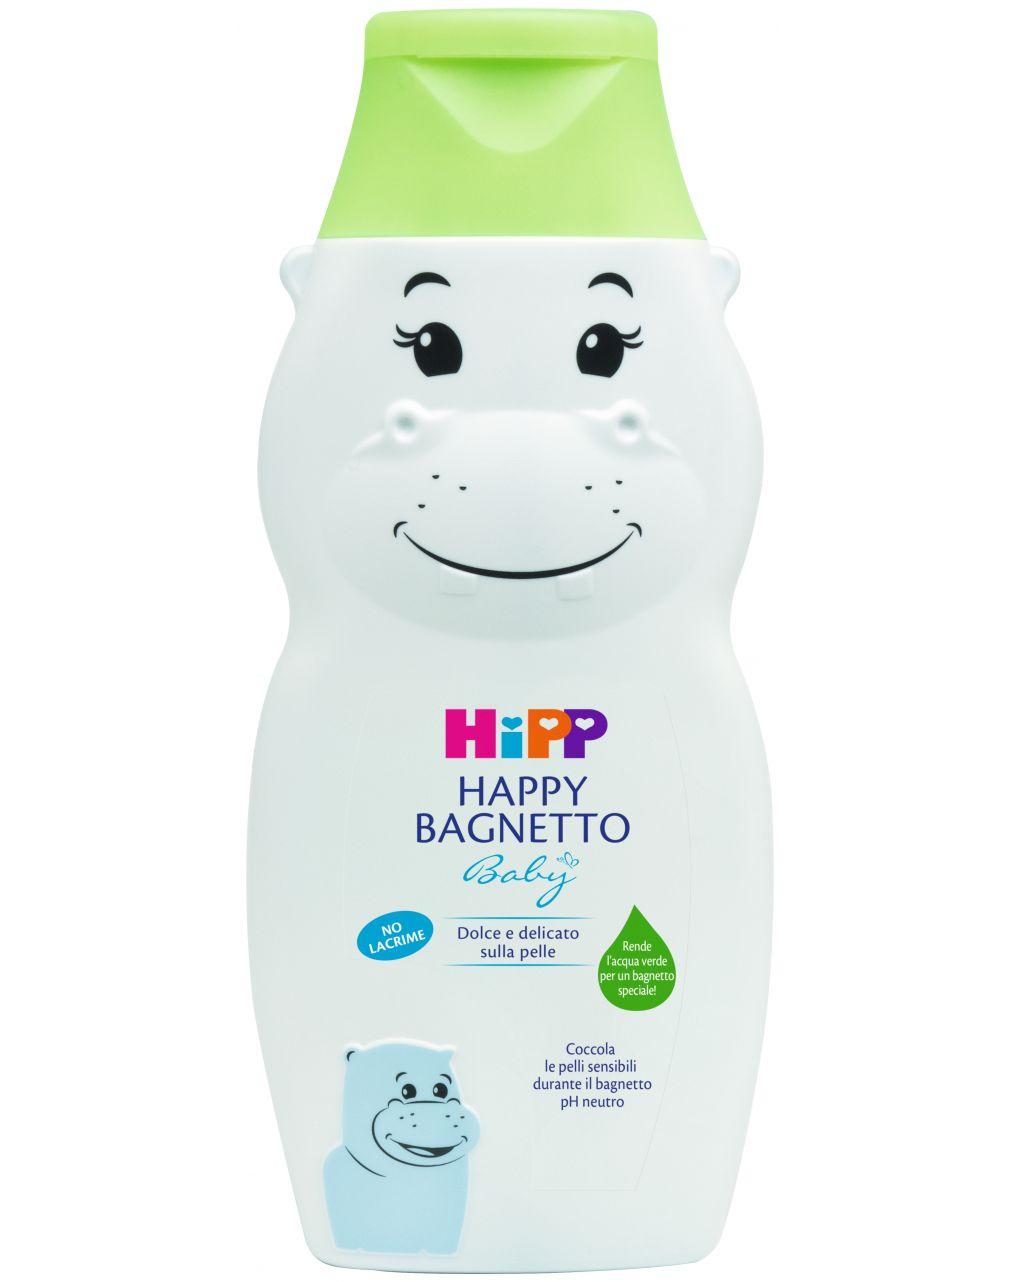 Happy bagnetto ippopotamo 300 ml - Hipp Baby